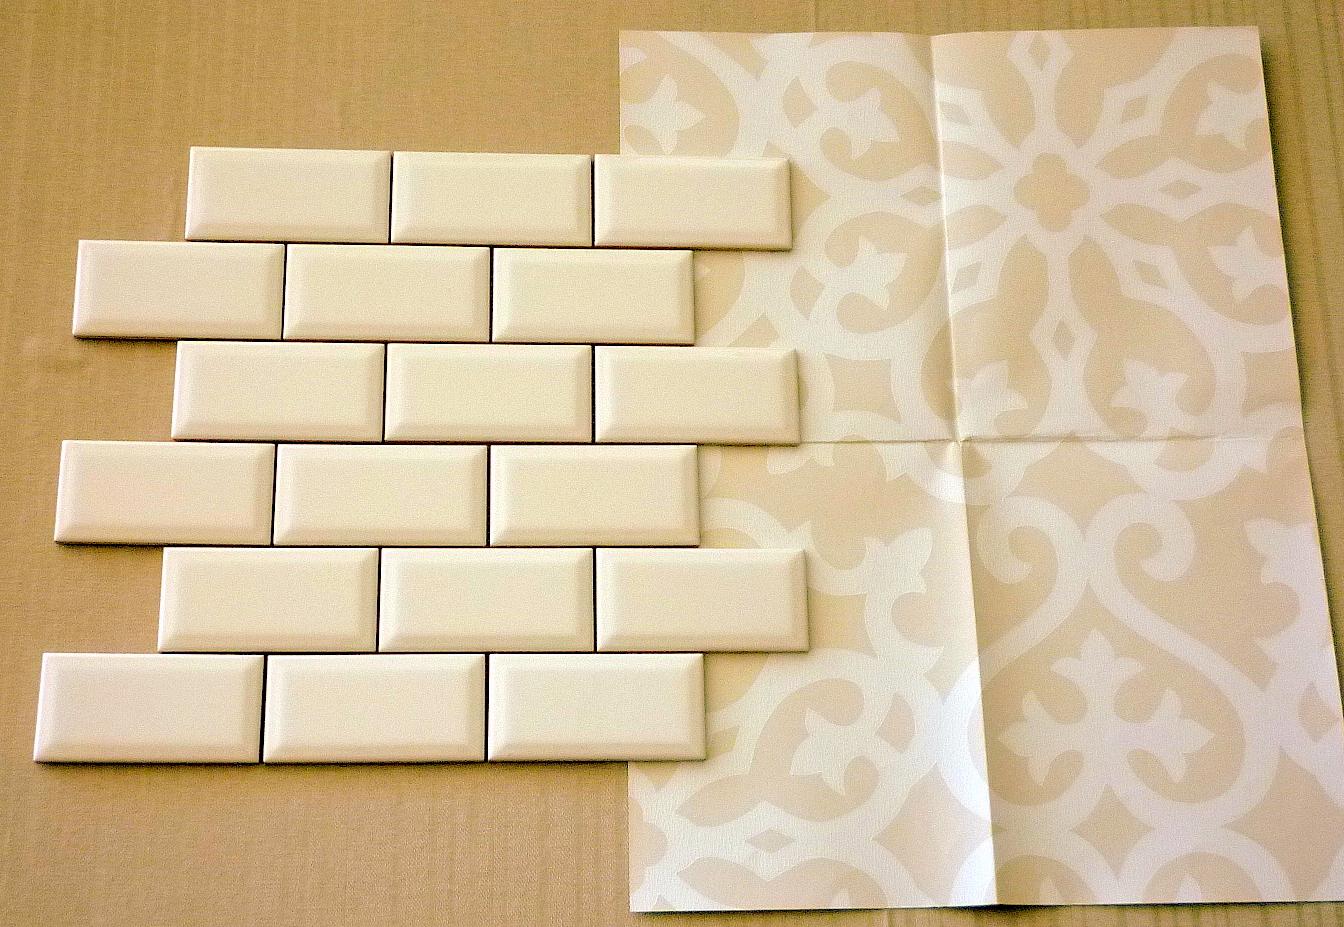 Tle wallpaper thibautT1826 beige image robinlechnerdesigns